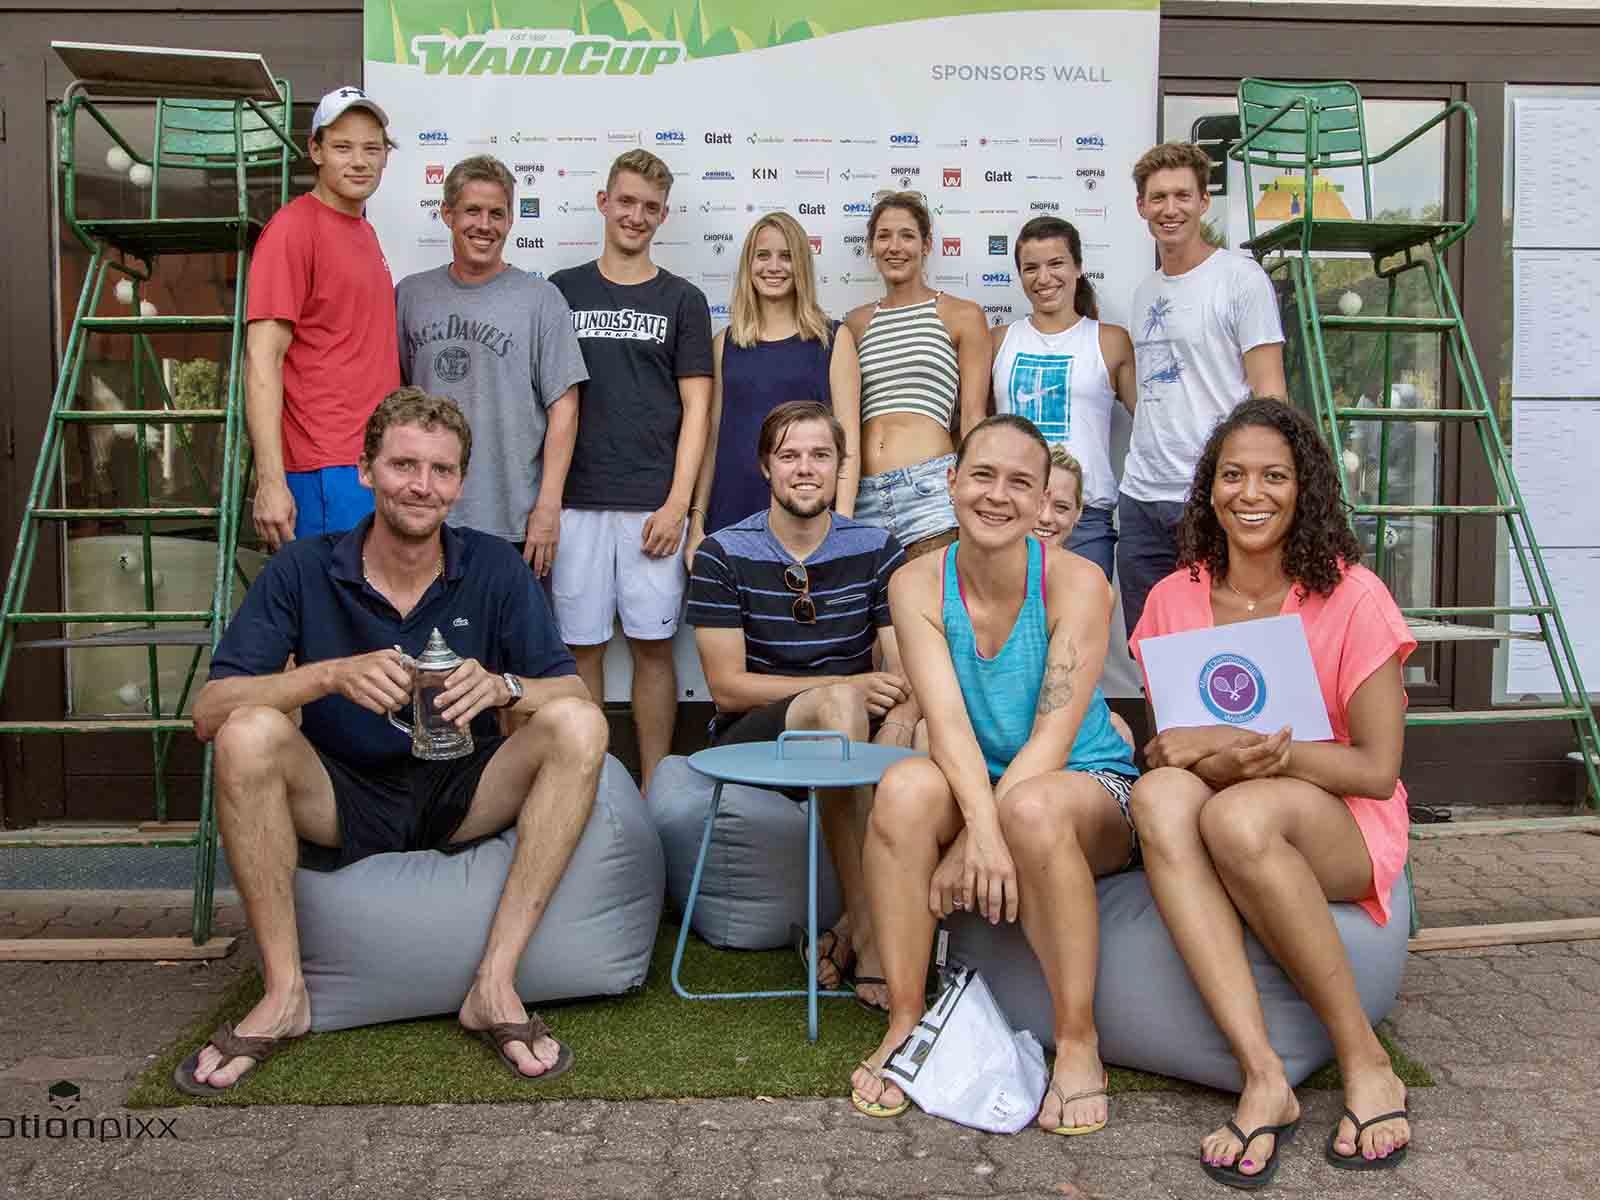 Das Zentrum für funktionelle Medizin Functiomed unterstützt die Spieler*innen des Tennisturniers Waidcup im TC Waidberg.